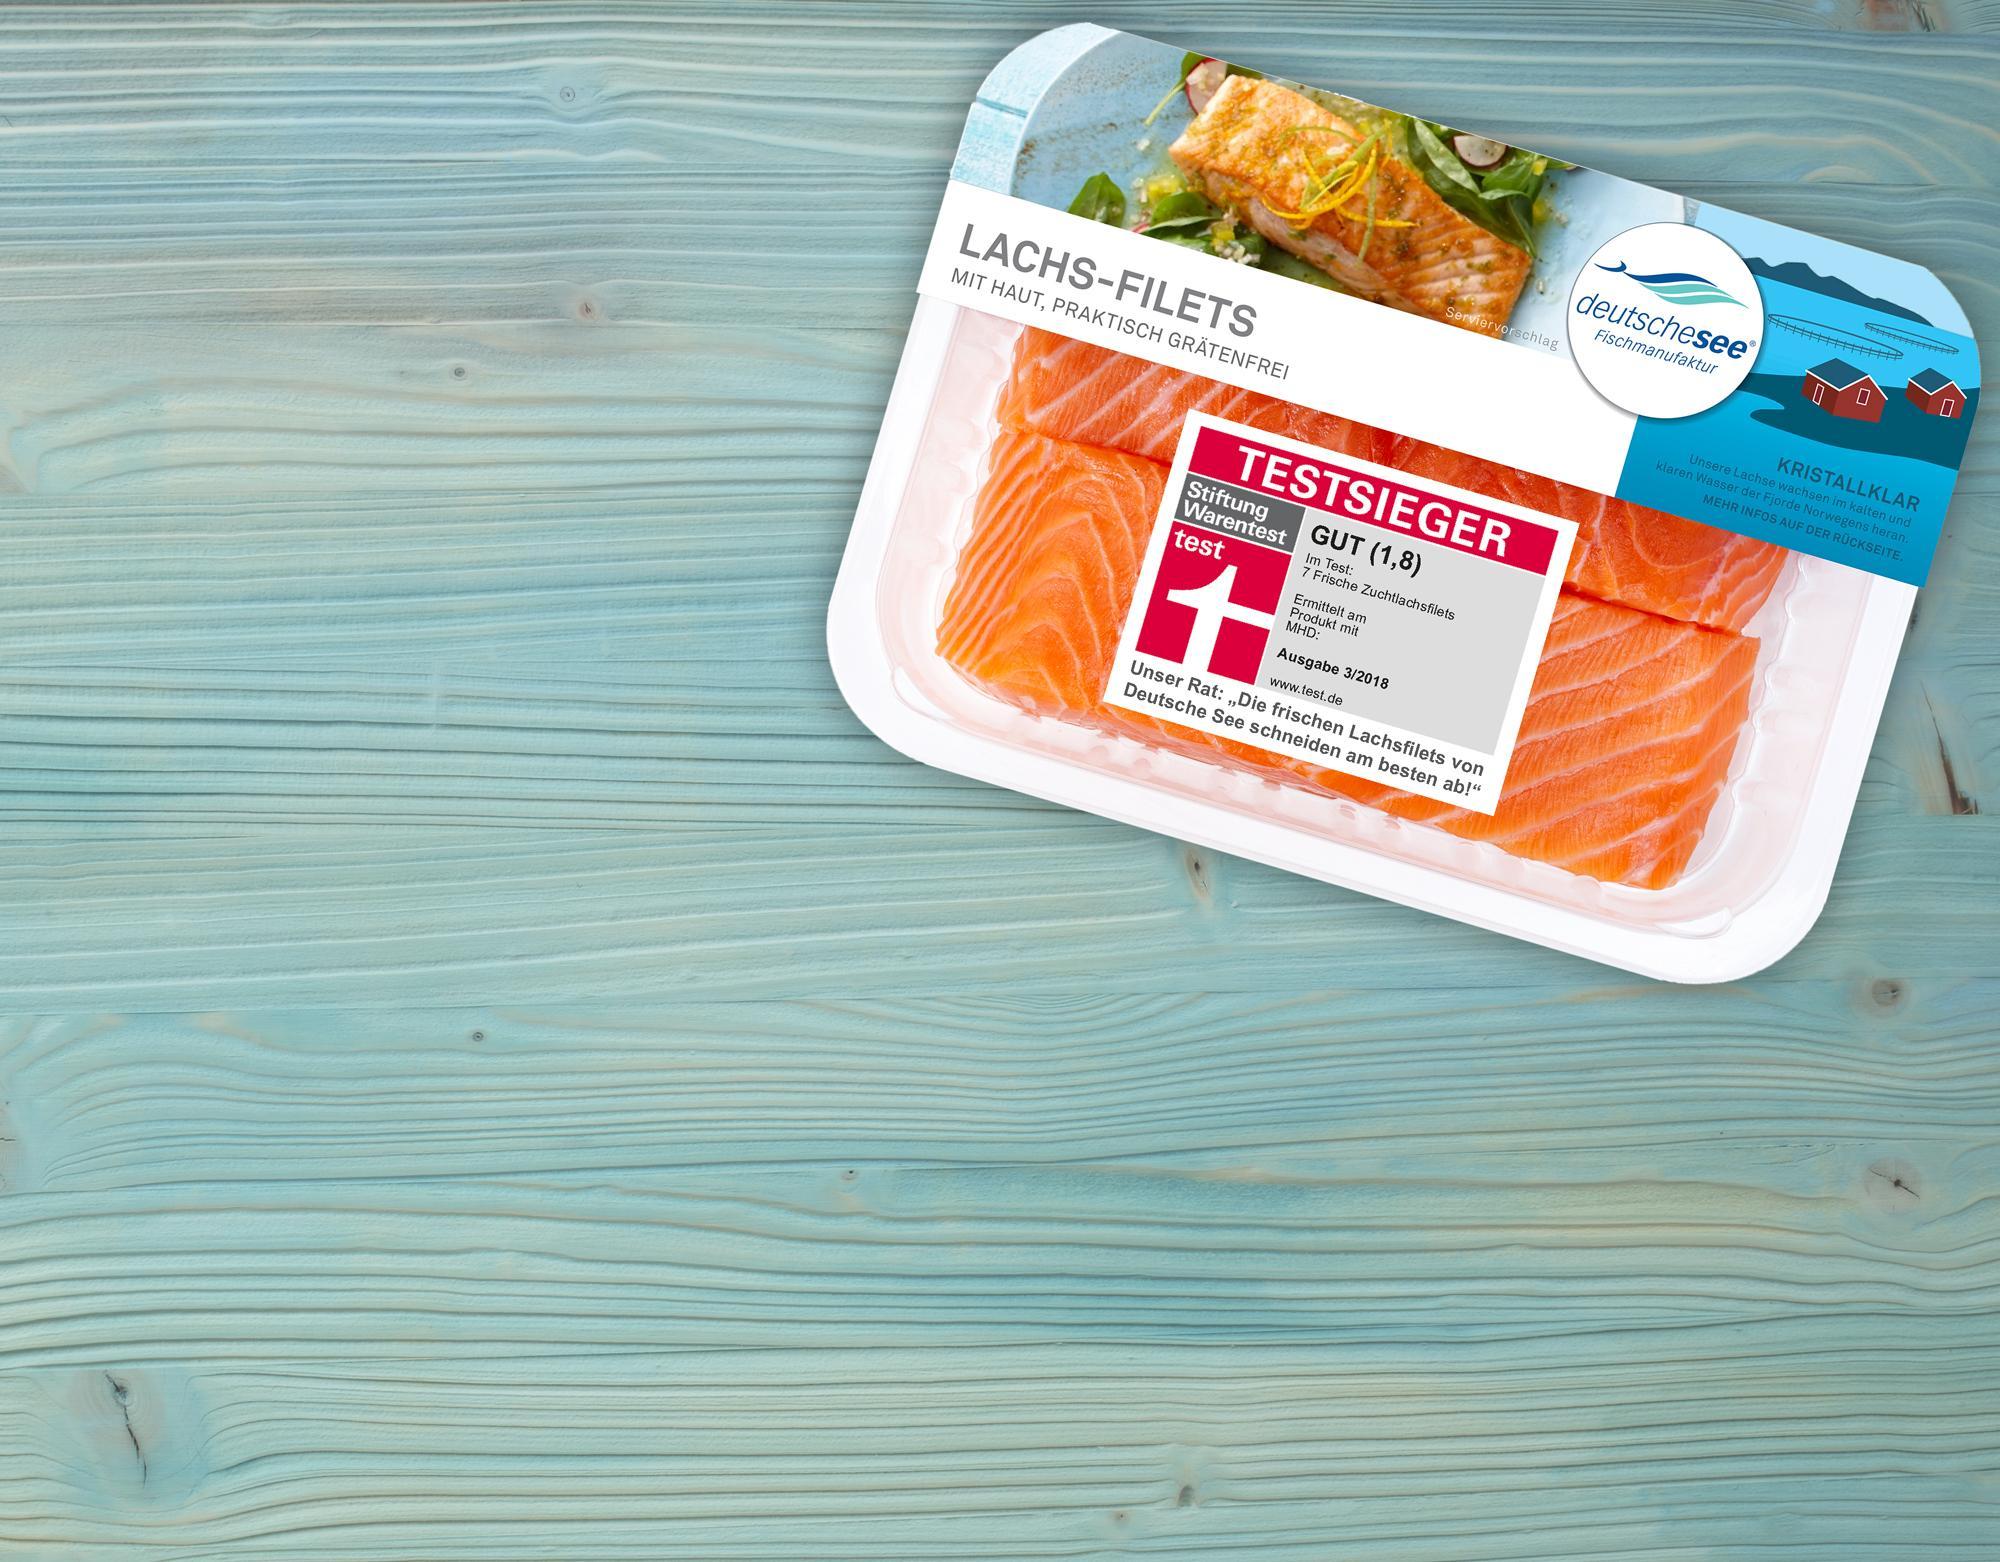 Unsere Lachs-Filets sind wieder Testsieger